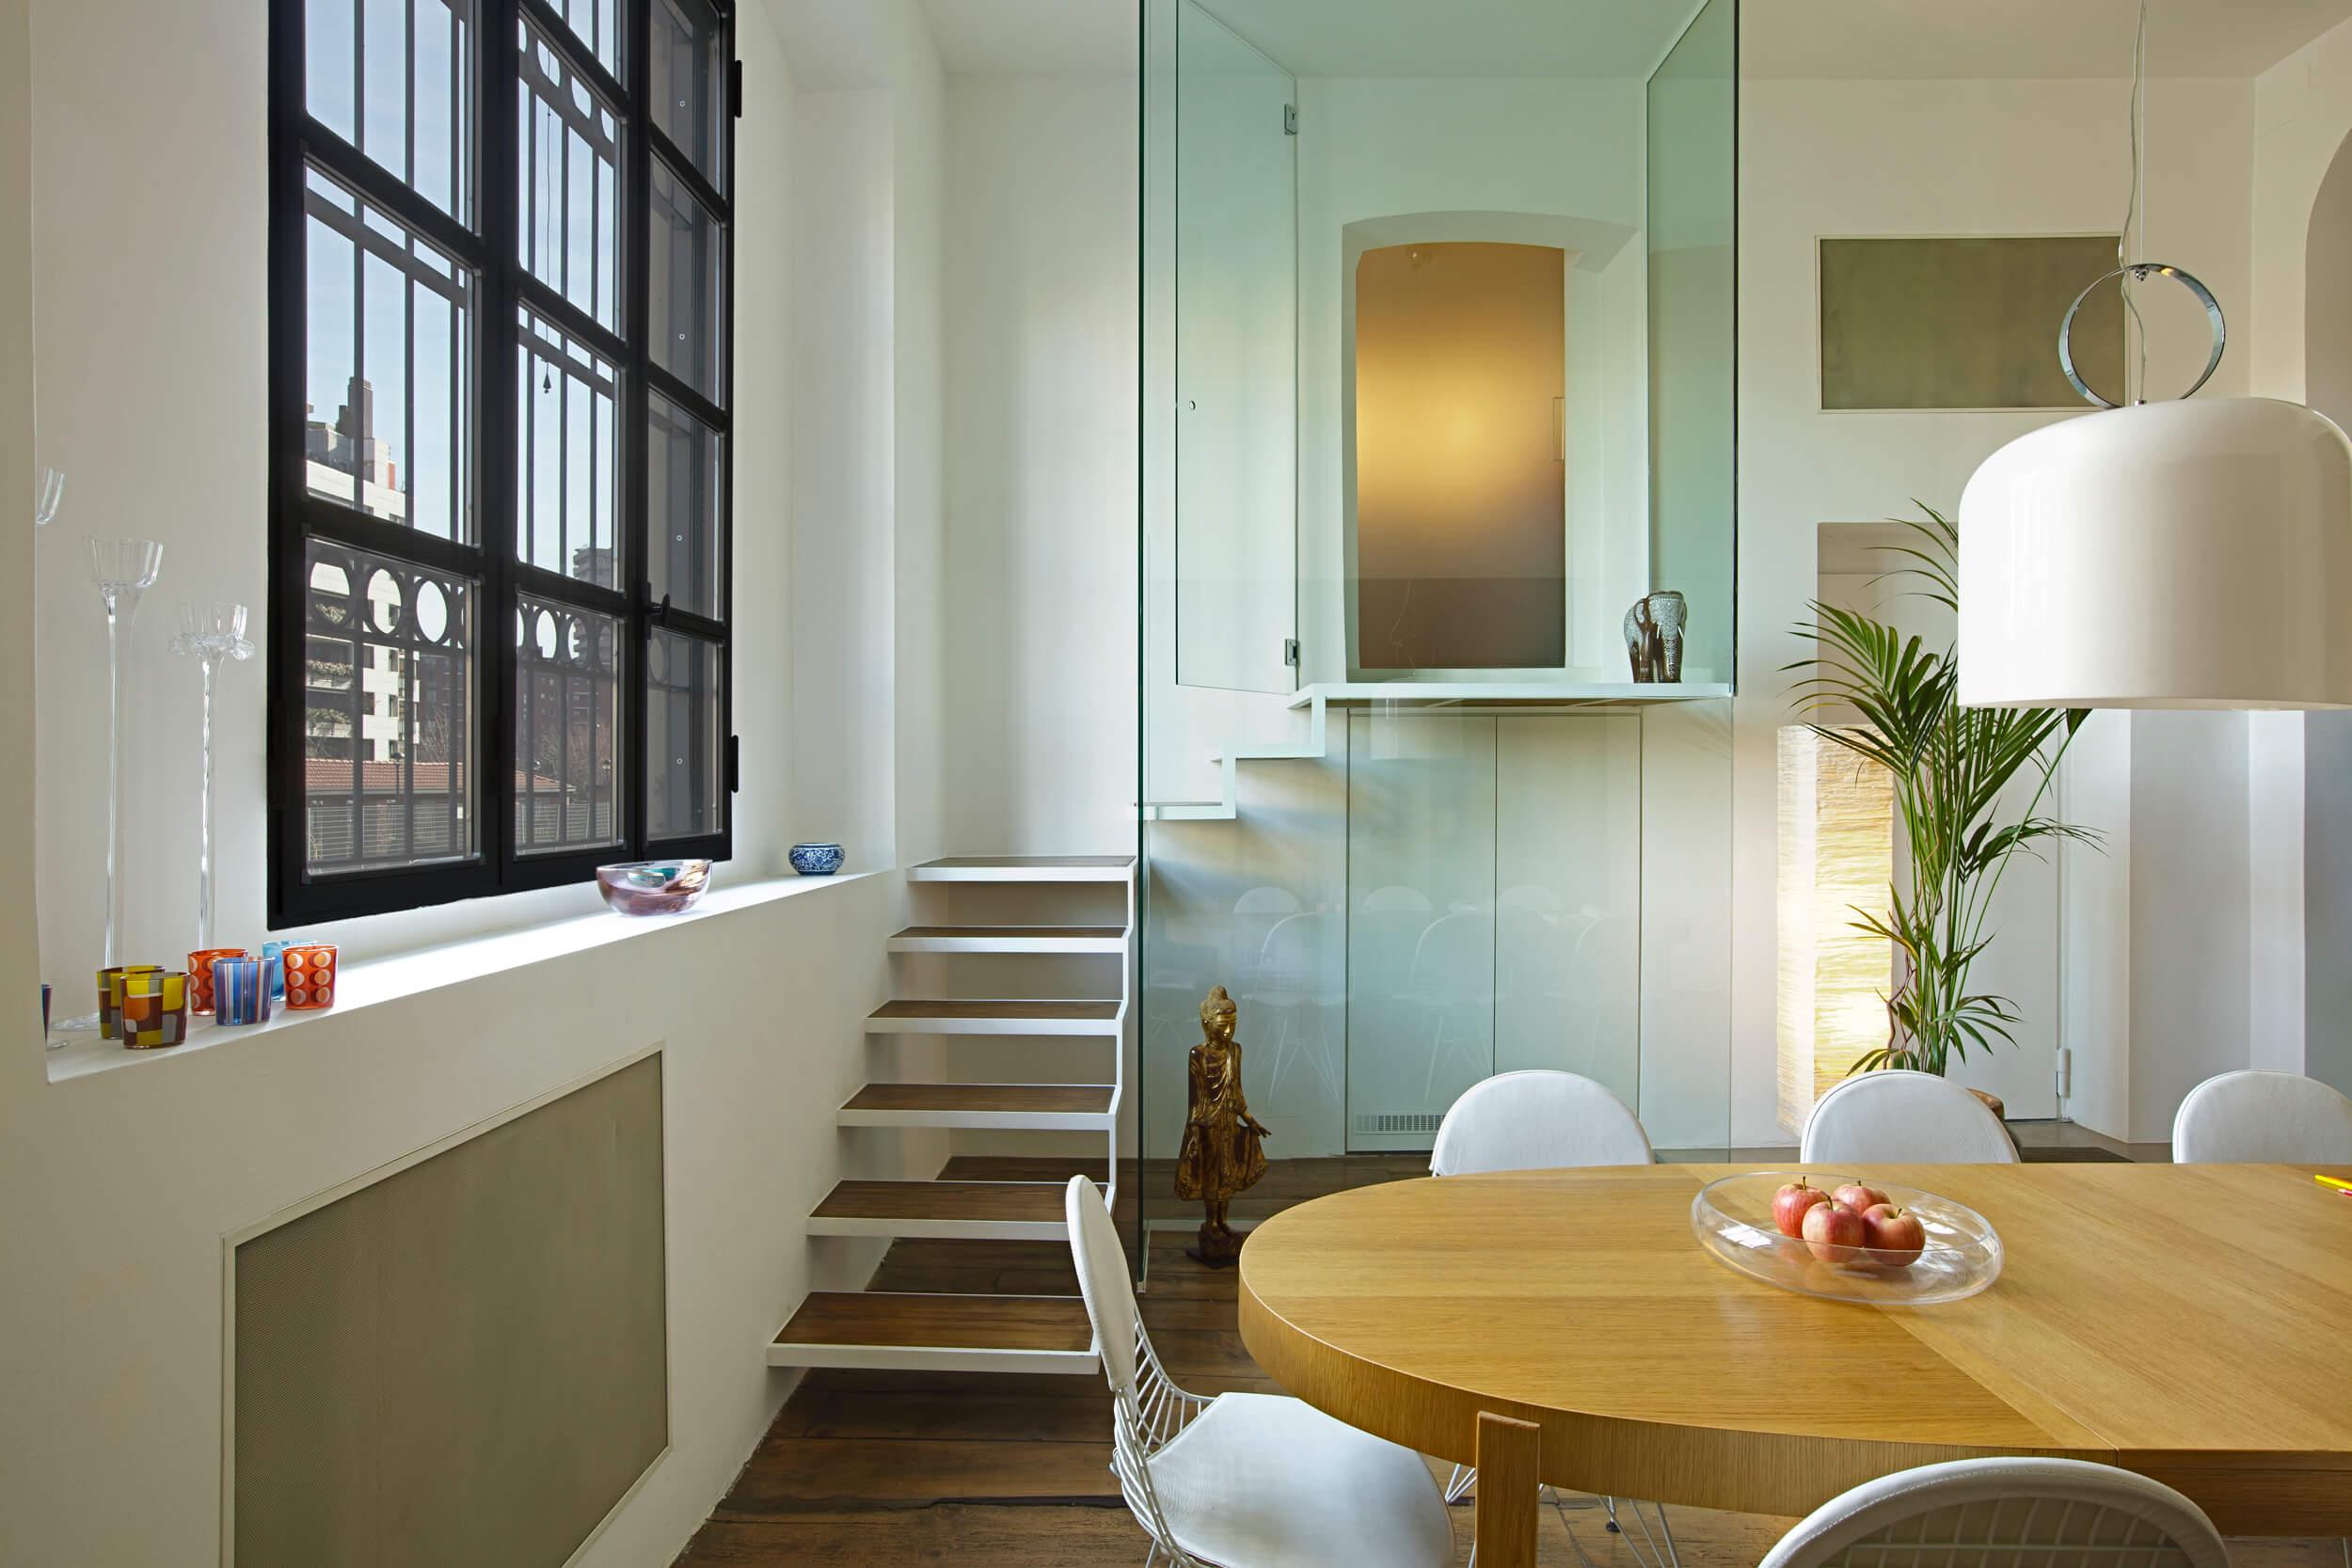 Interior-Loft-Milan-Kitchen-02.jpg